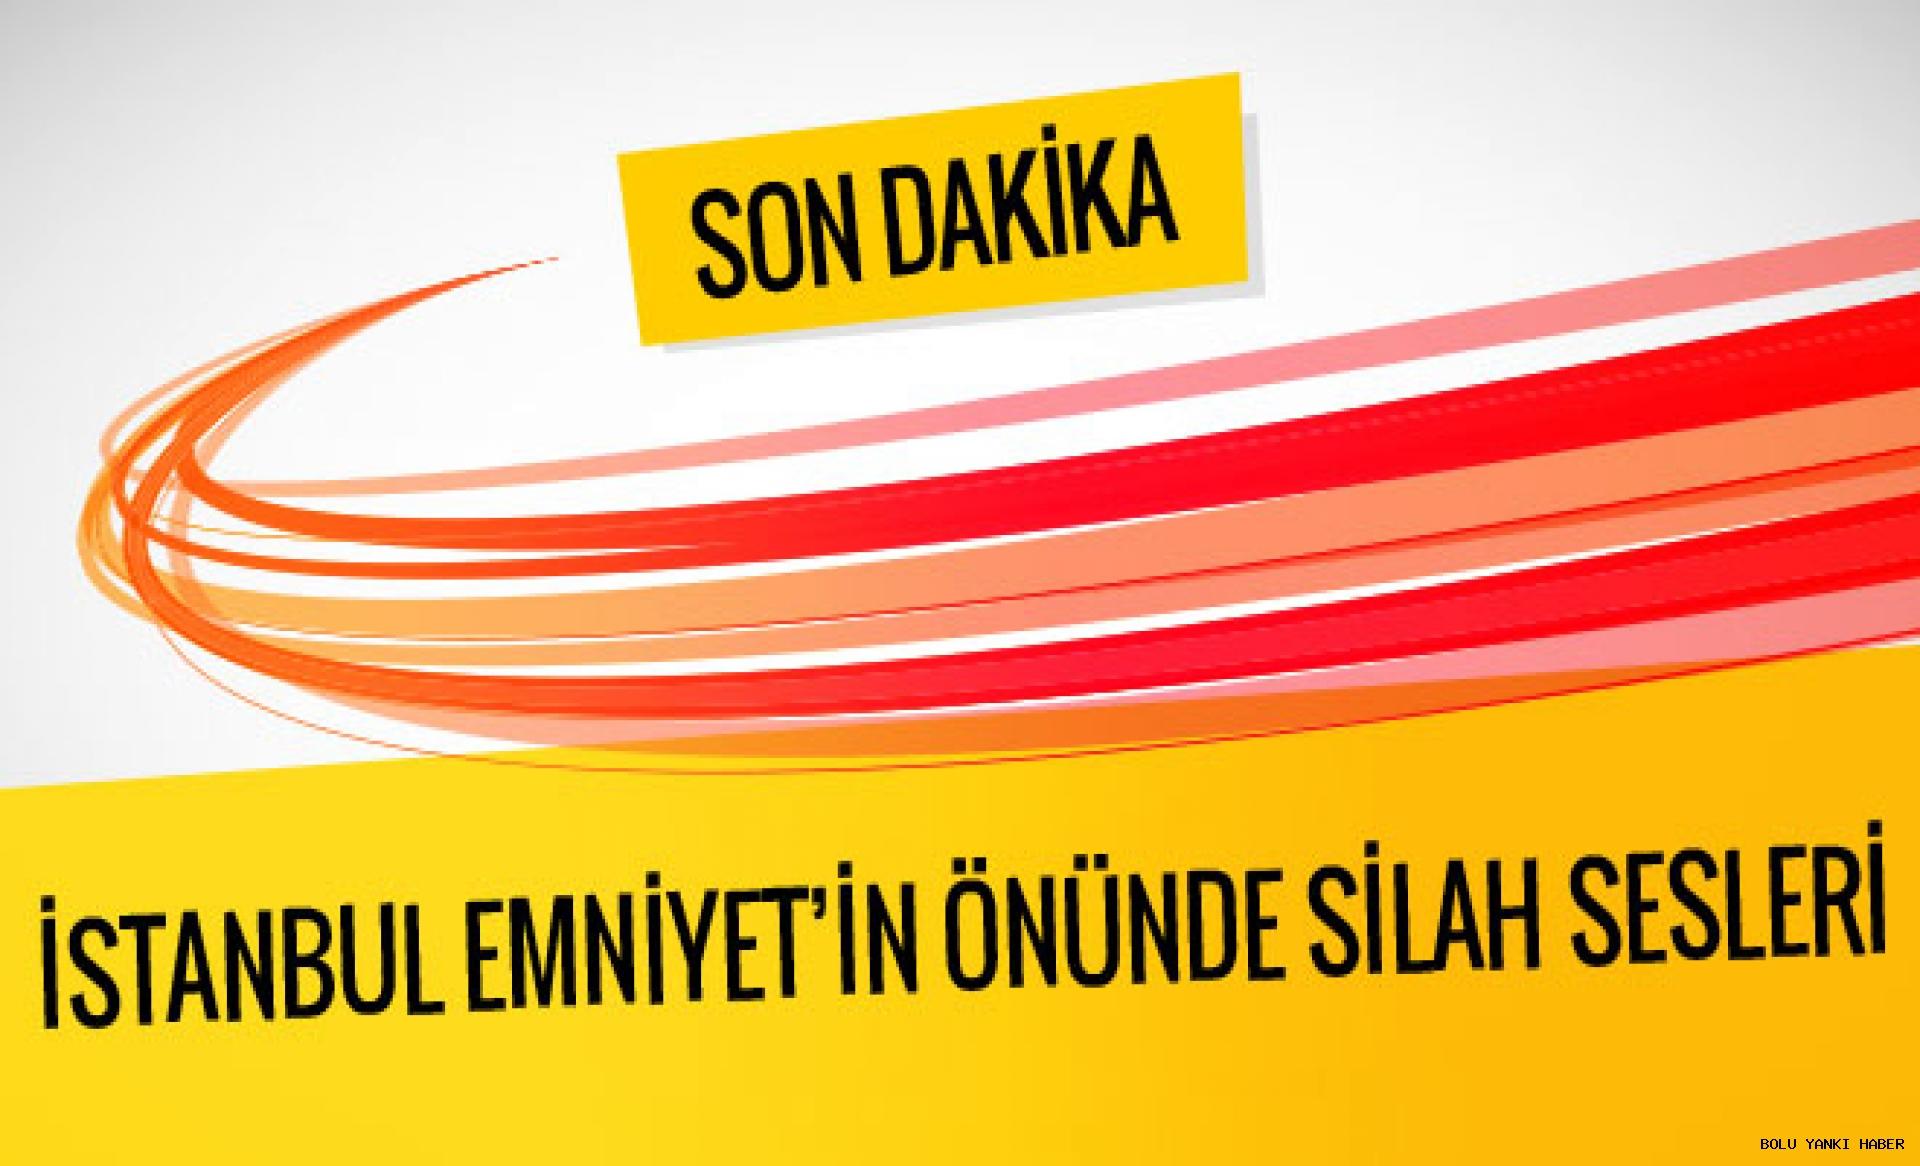 İstanbul Emniyeti çevresinde silah sesleri